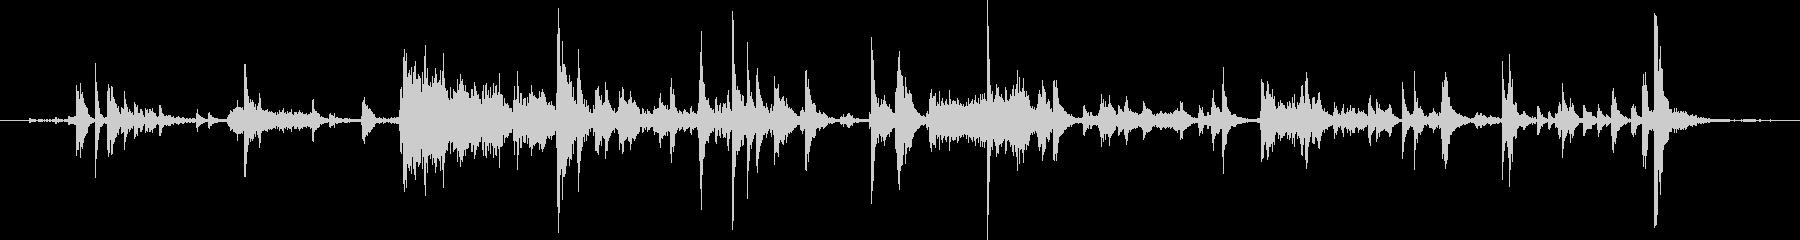 メタル クリークストレスミディアム04の未再生の波形